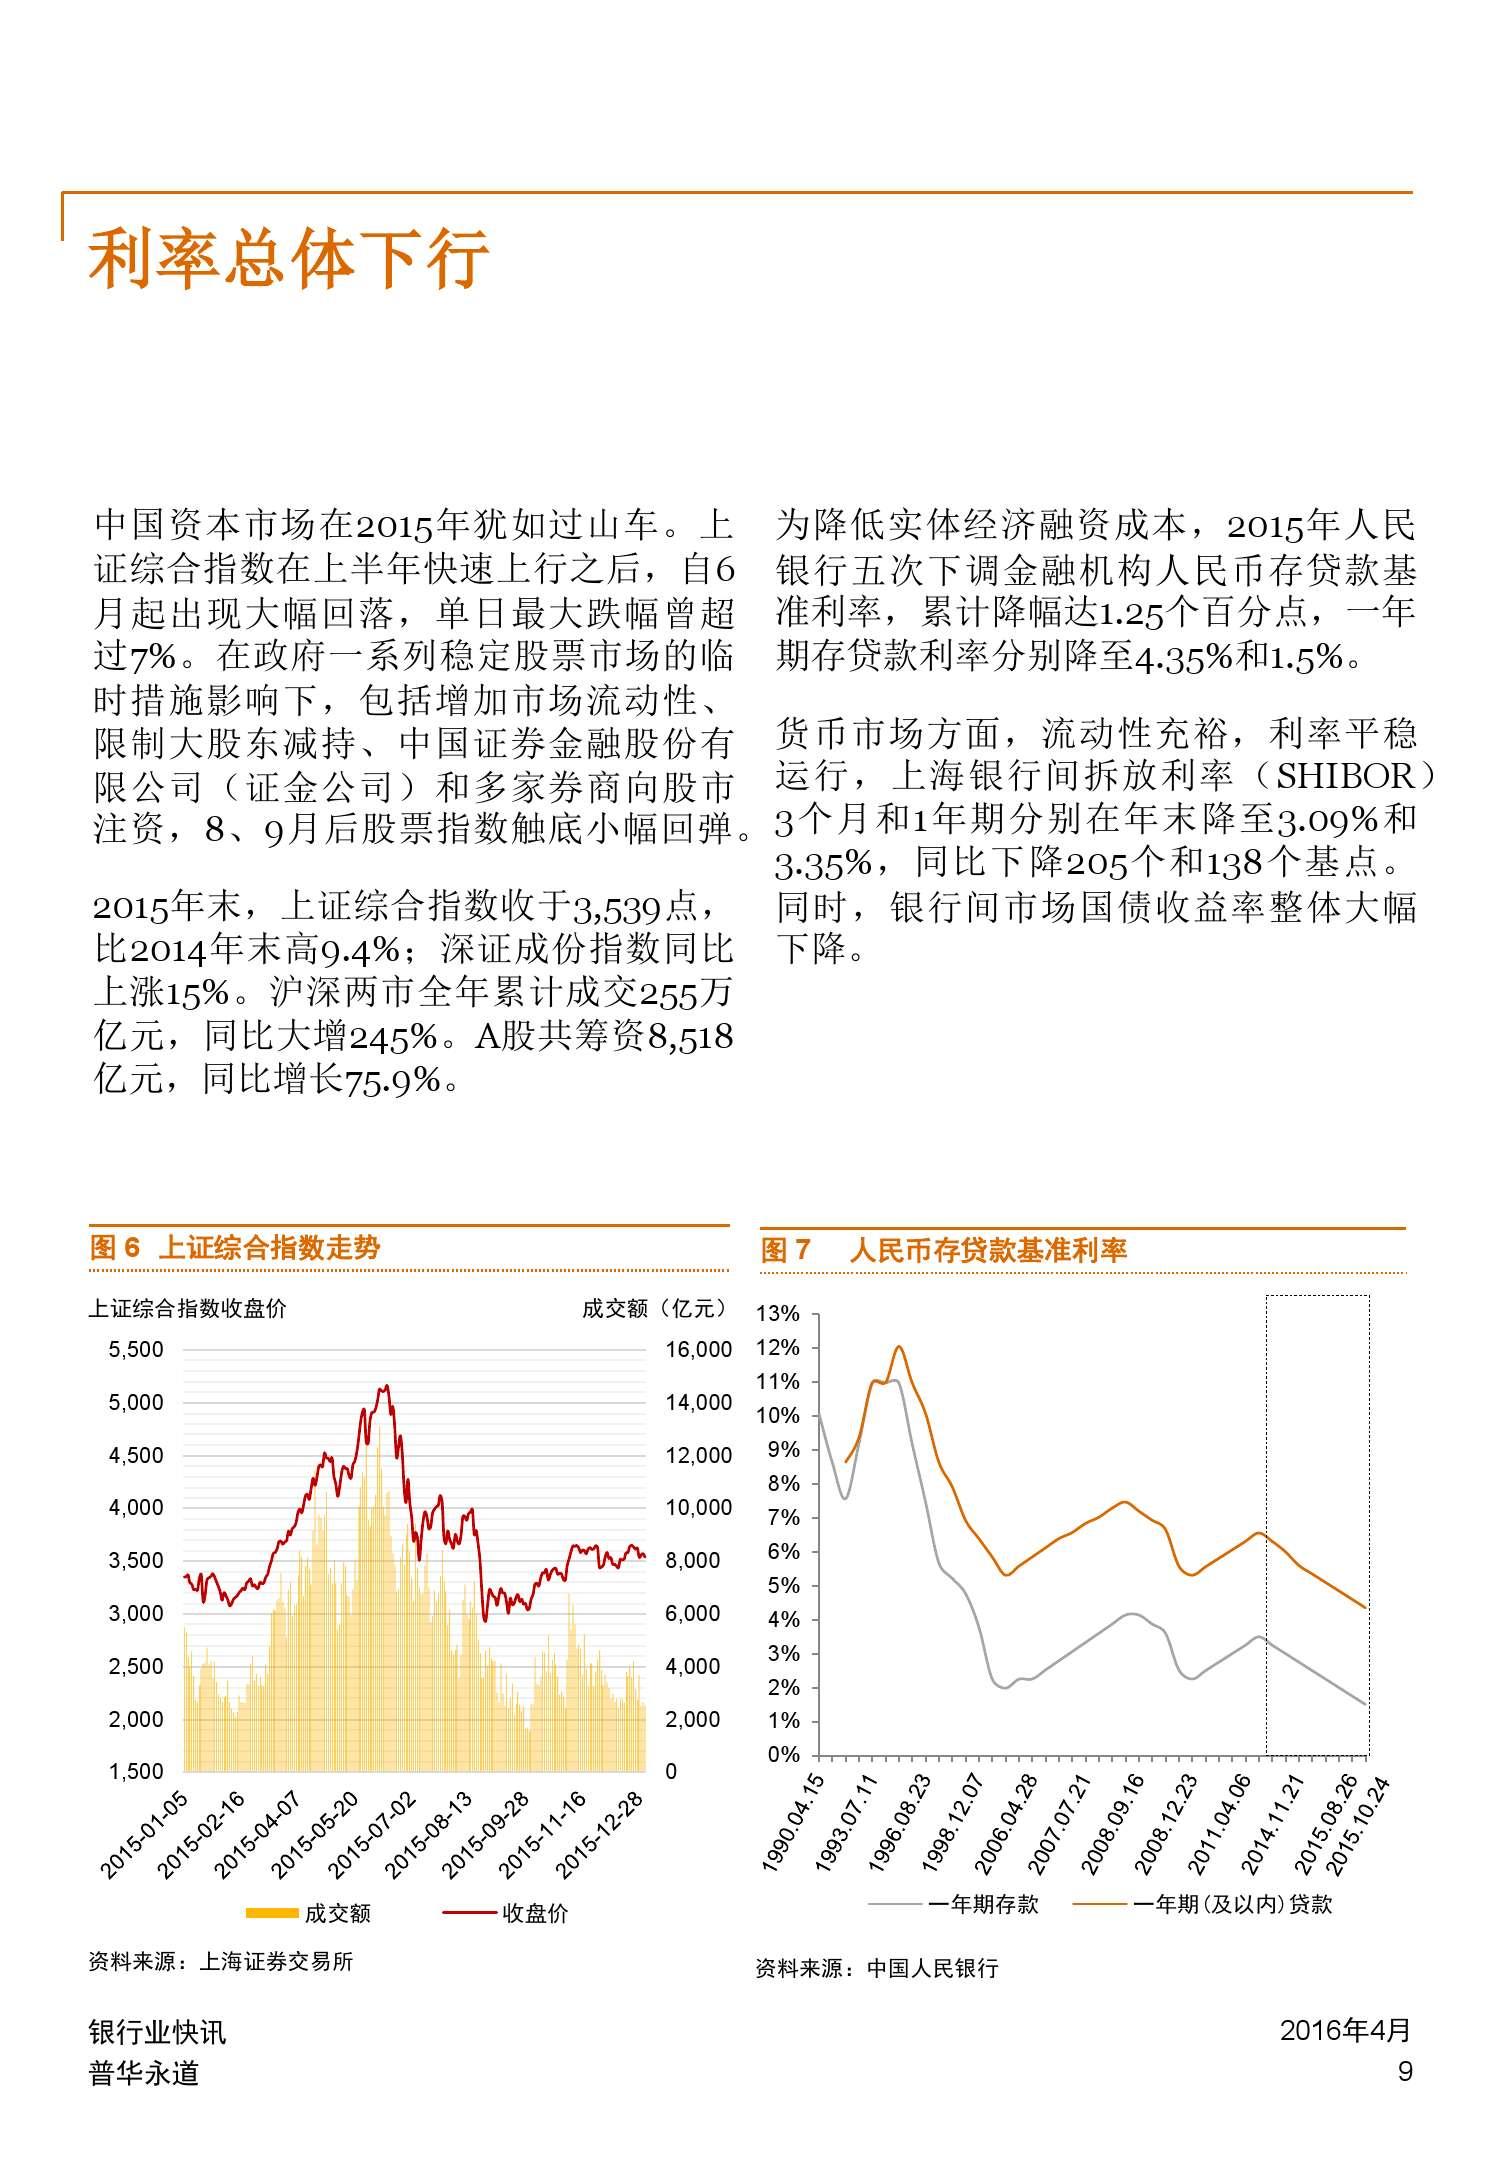 普华永道:2015年中国银行业回顾与展望_000009